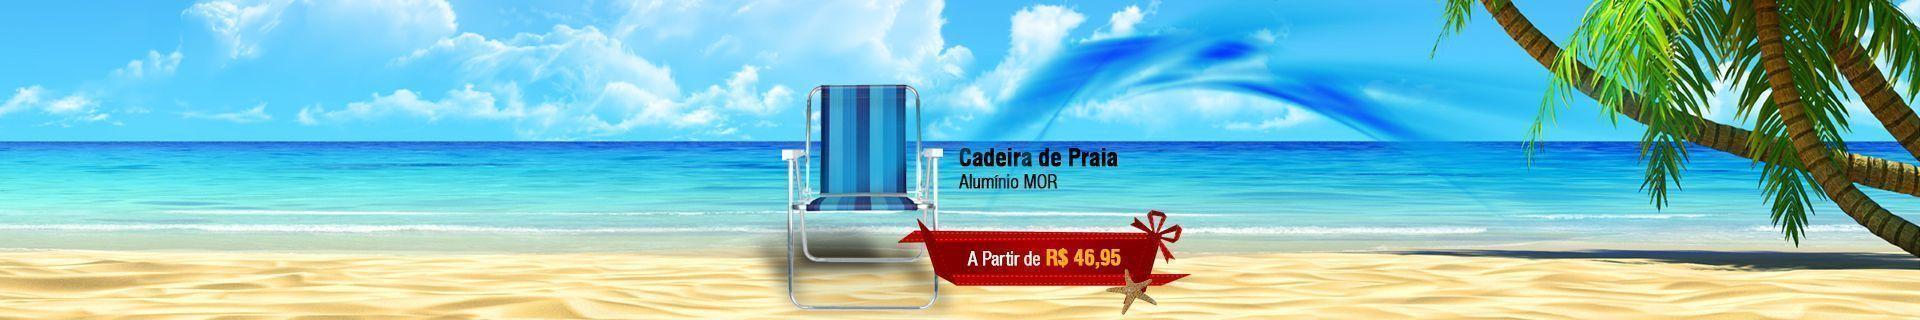 Cadeira de Praia MOR